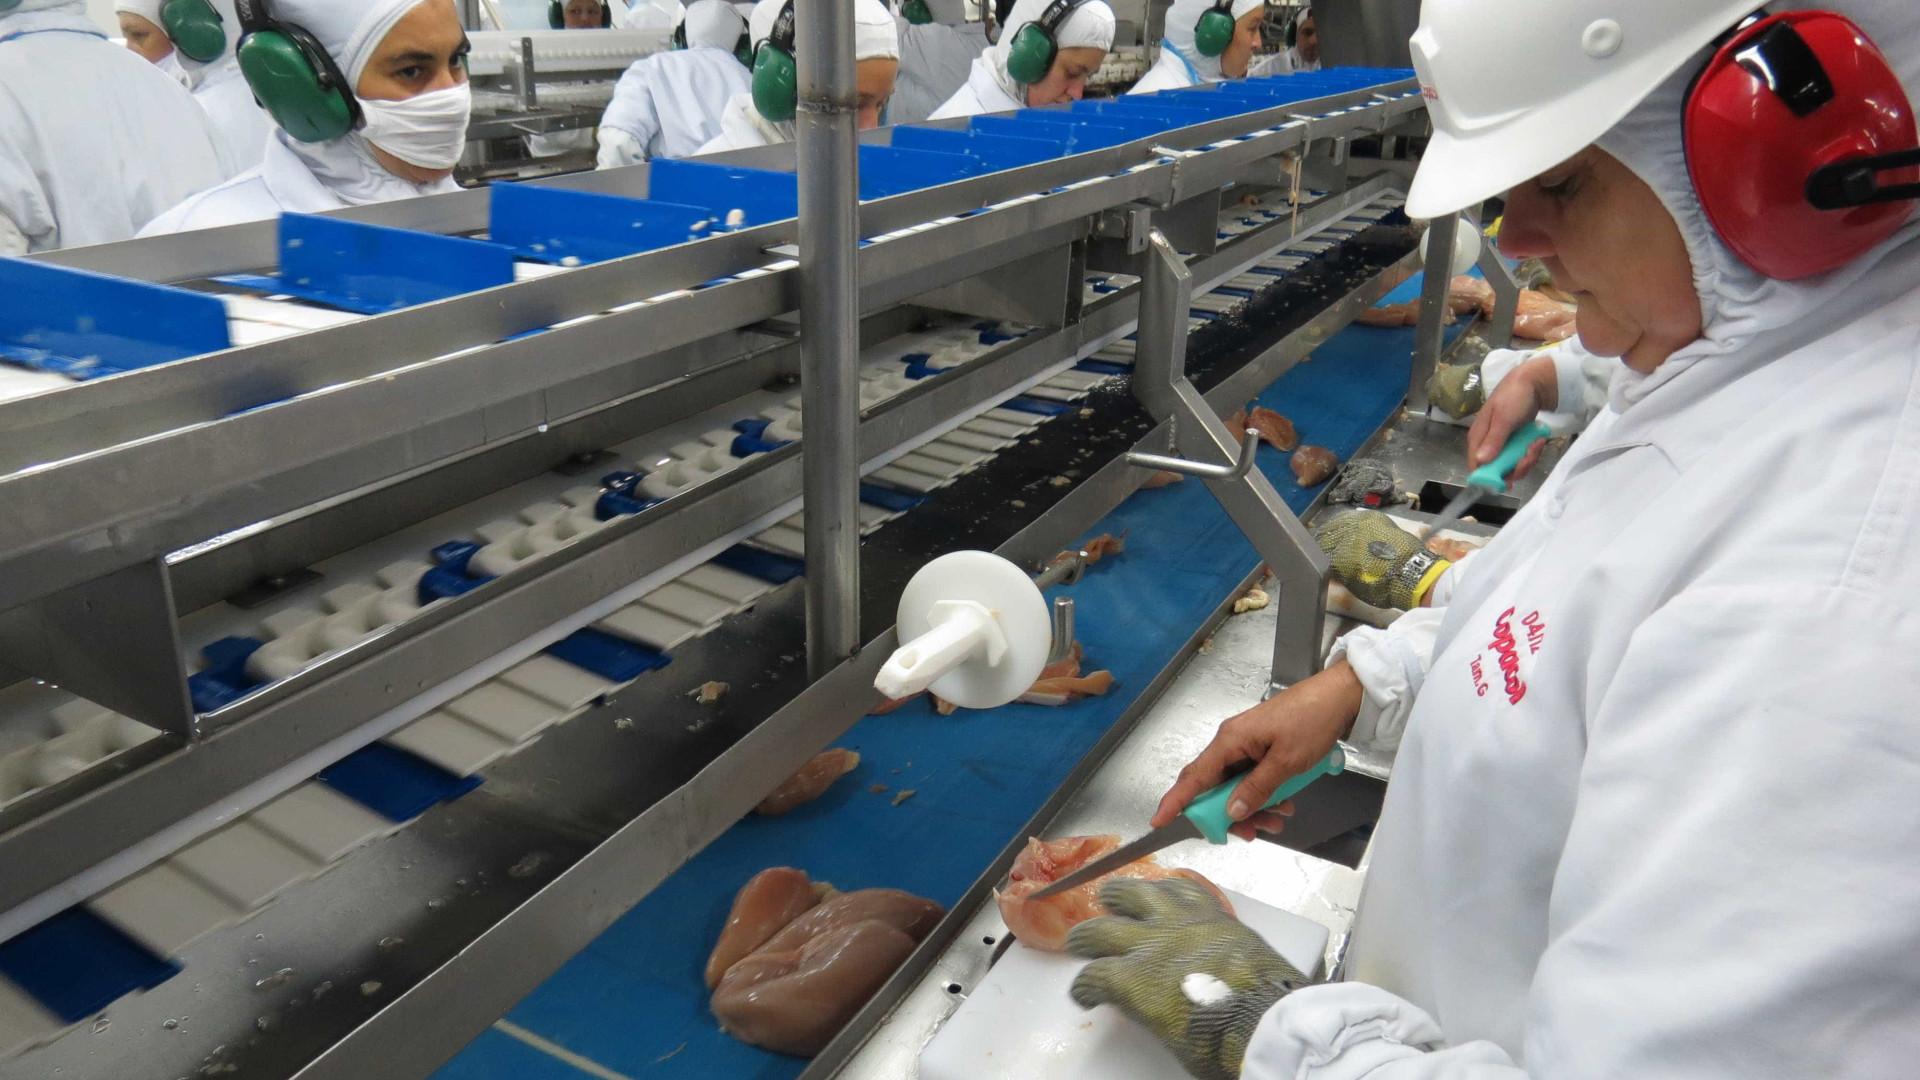 União Europeia embarga 20 frigoríficos de frango do Brasil